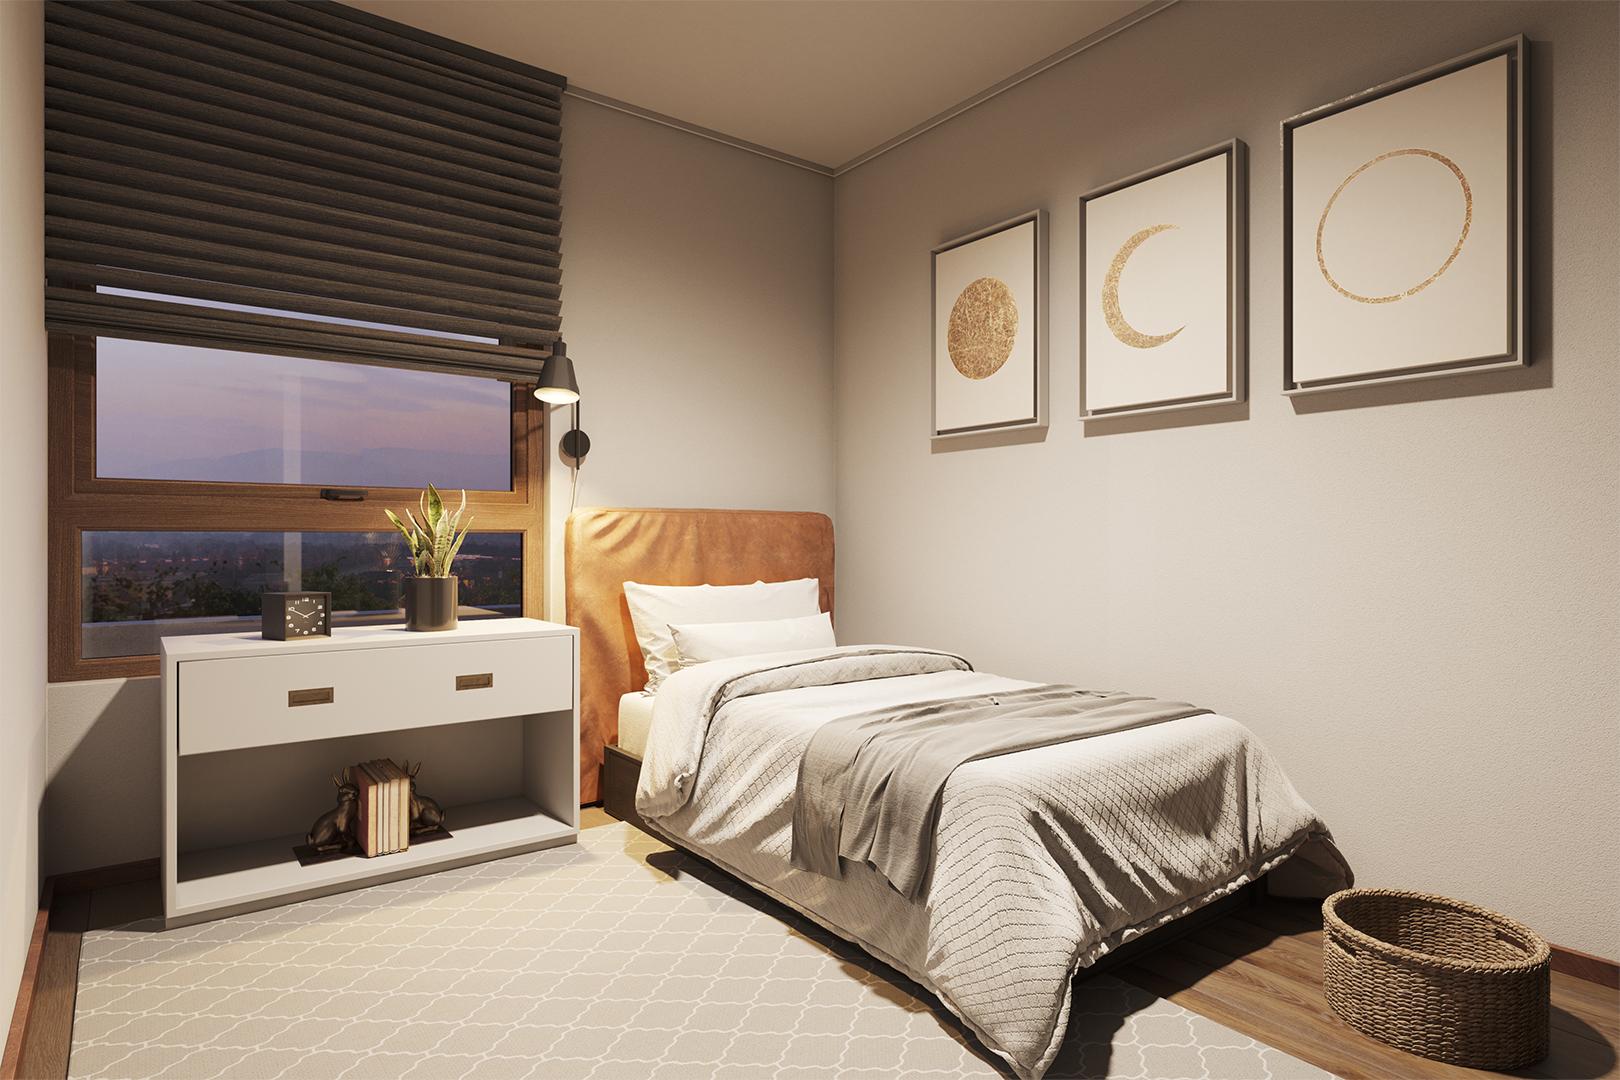 Dormitorio 2 piloto c